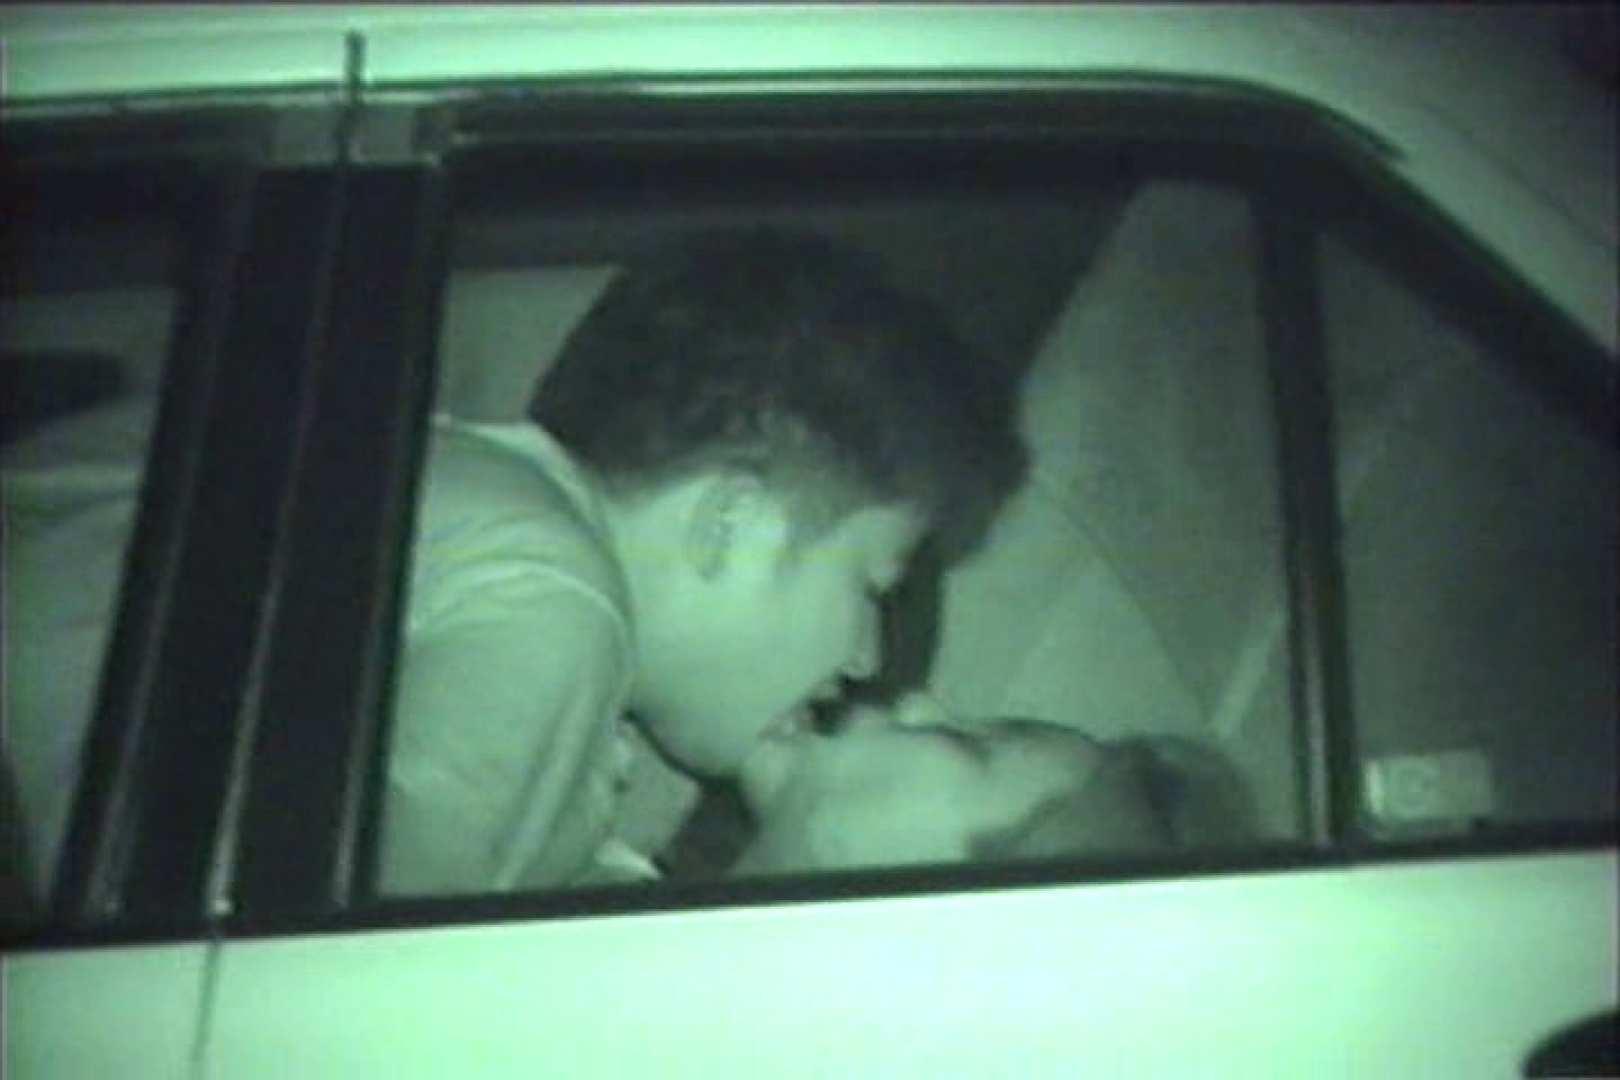 車の中はラブホテル 無修正版  Vol.17 美女OL アダルト動画キャプチャ 104連発 86